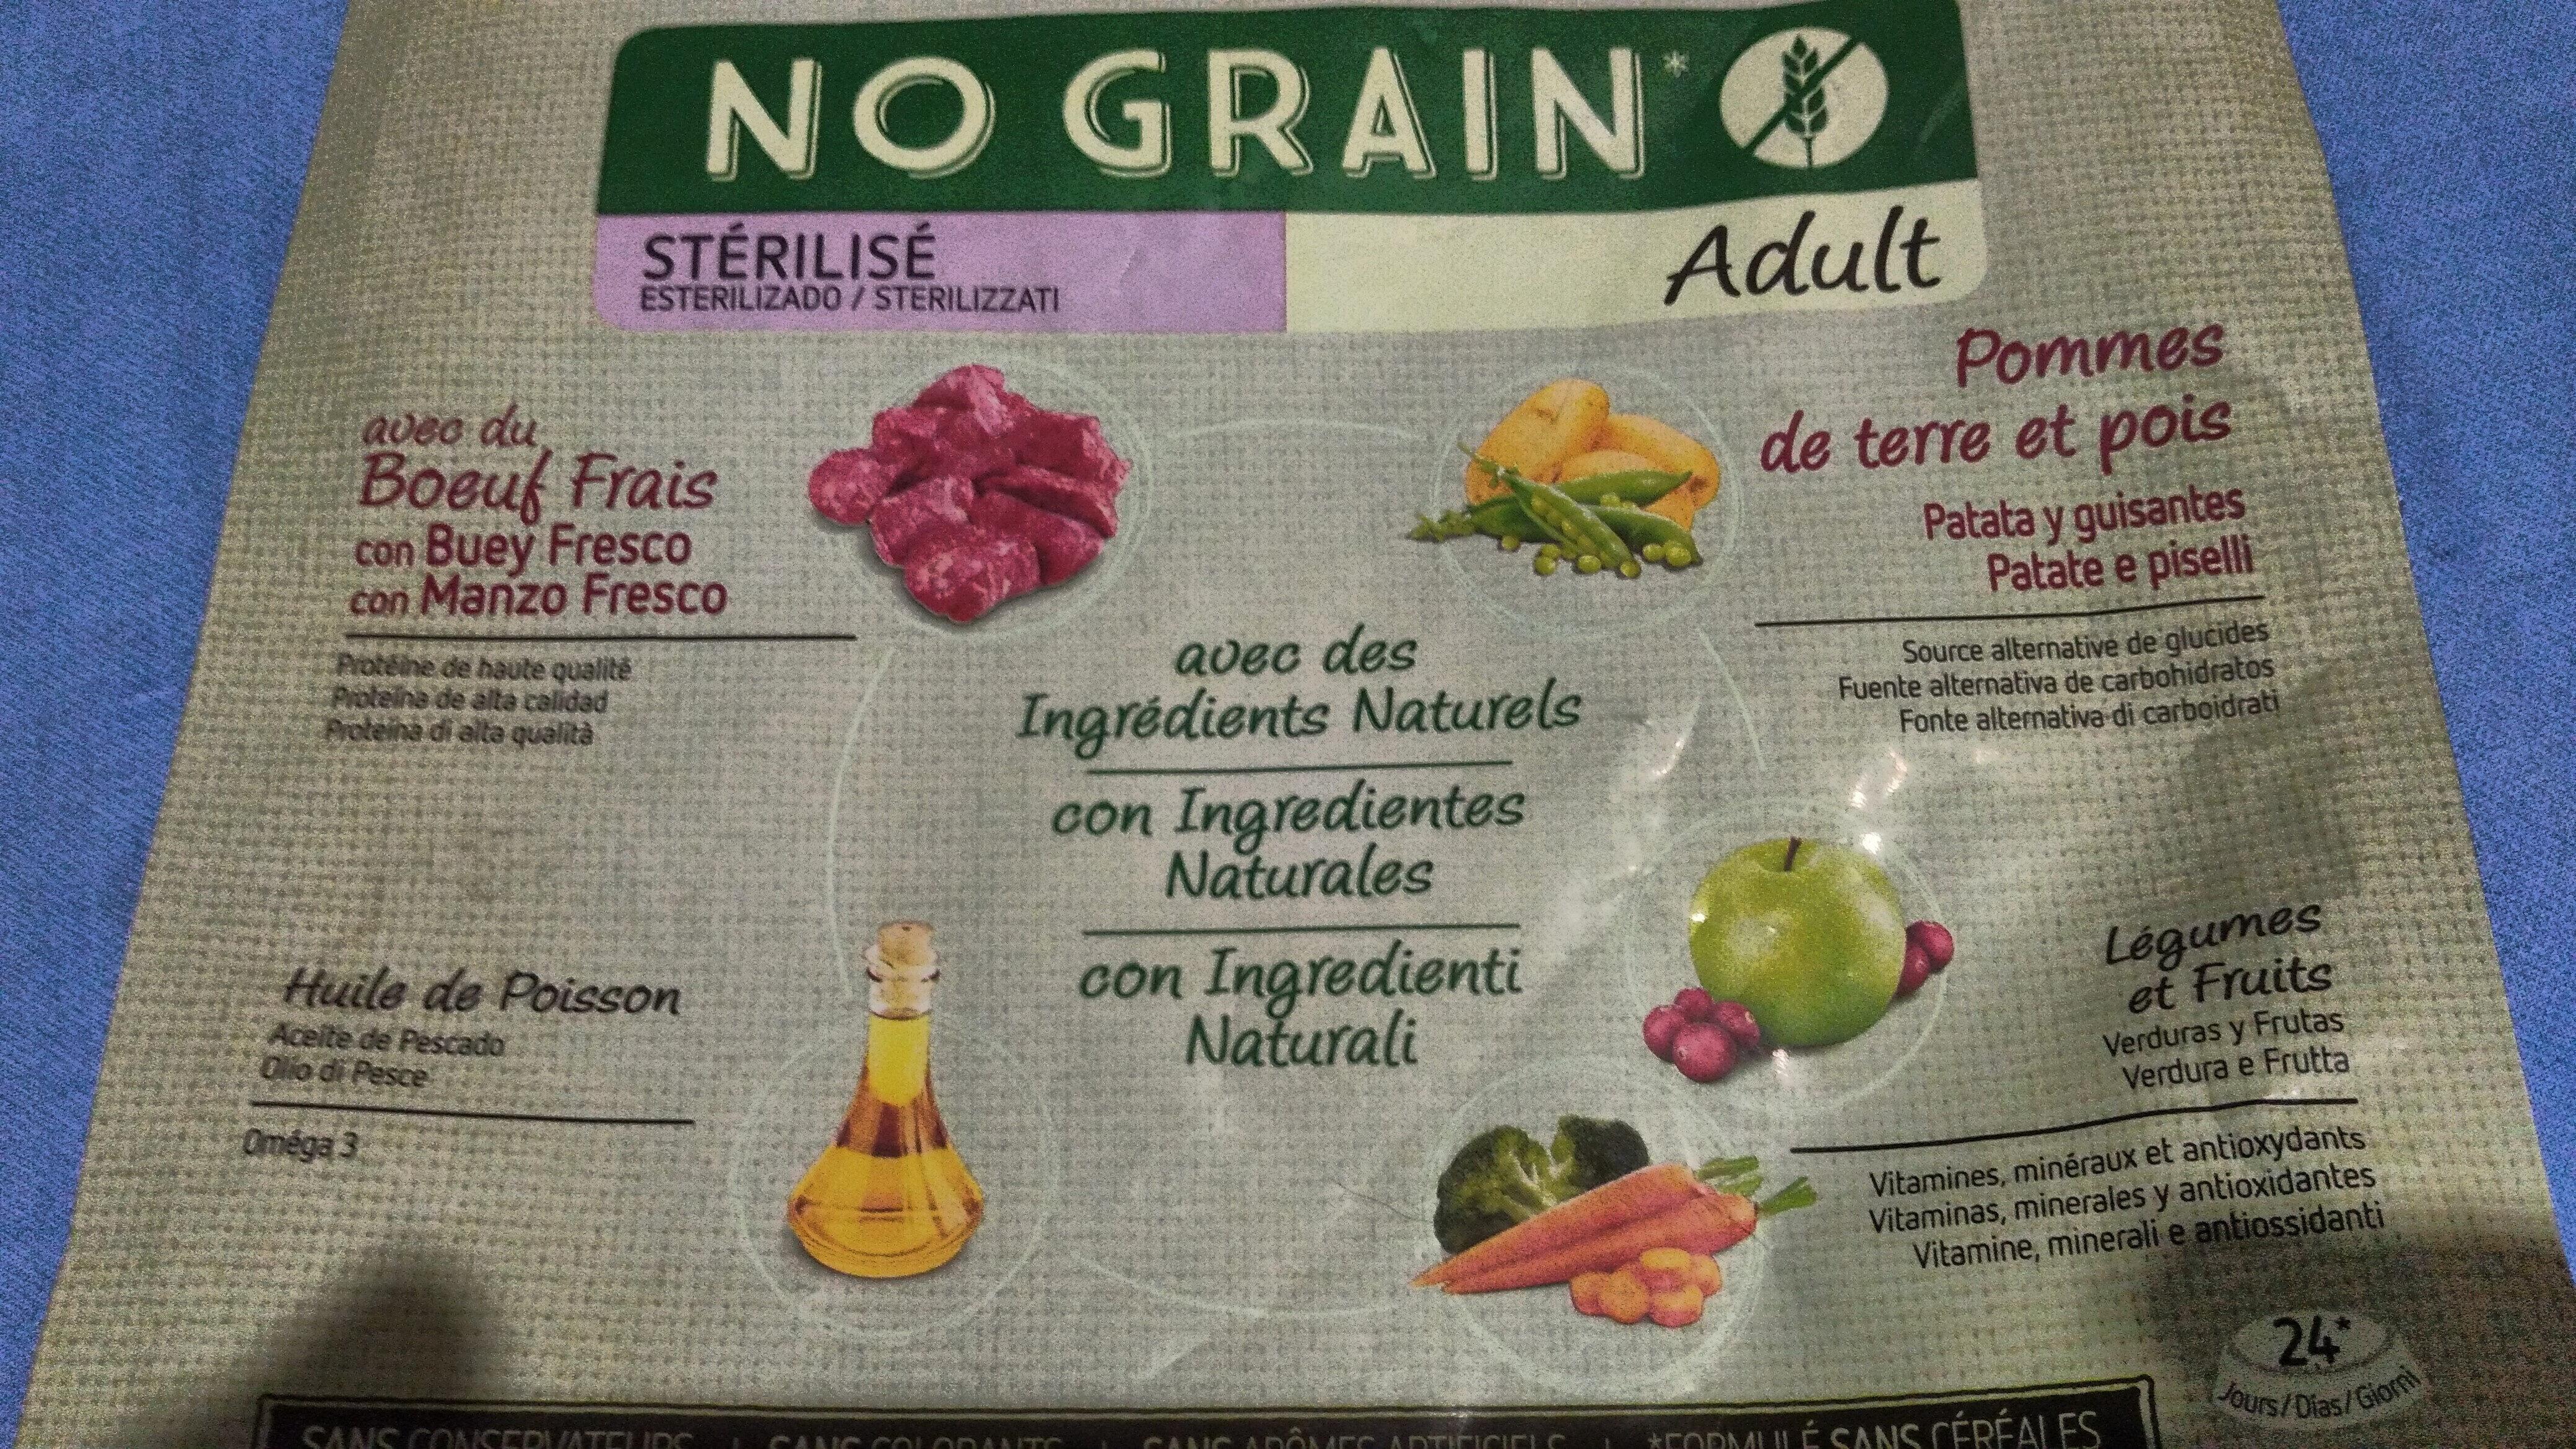 Ultima nature No grain, esterilizado, adulto - Ingrediënten - es